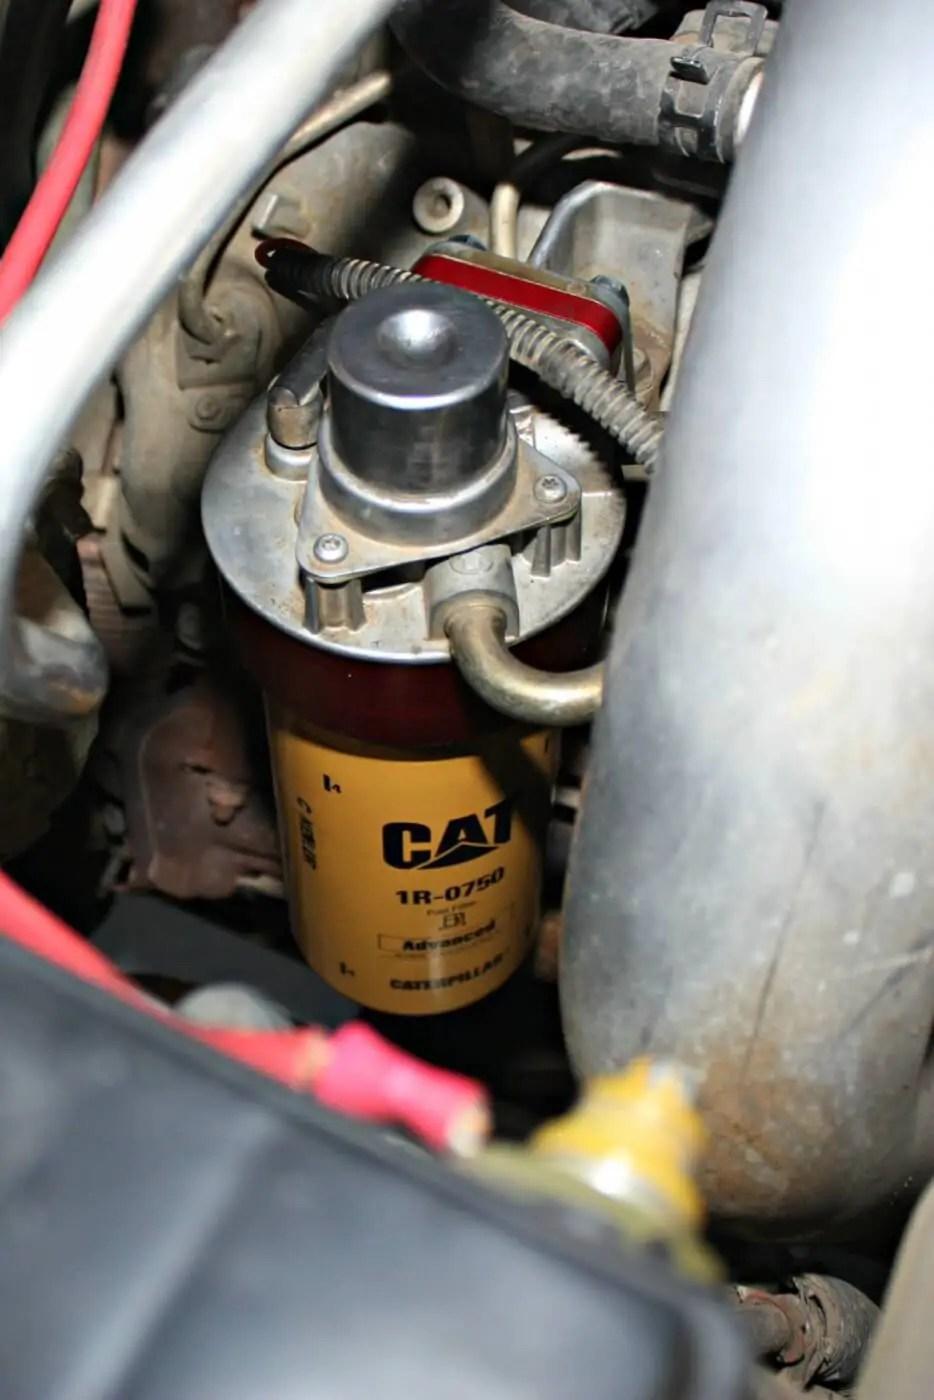 hight resolution of duramax cat fuel filter